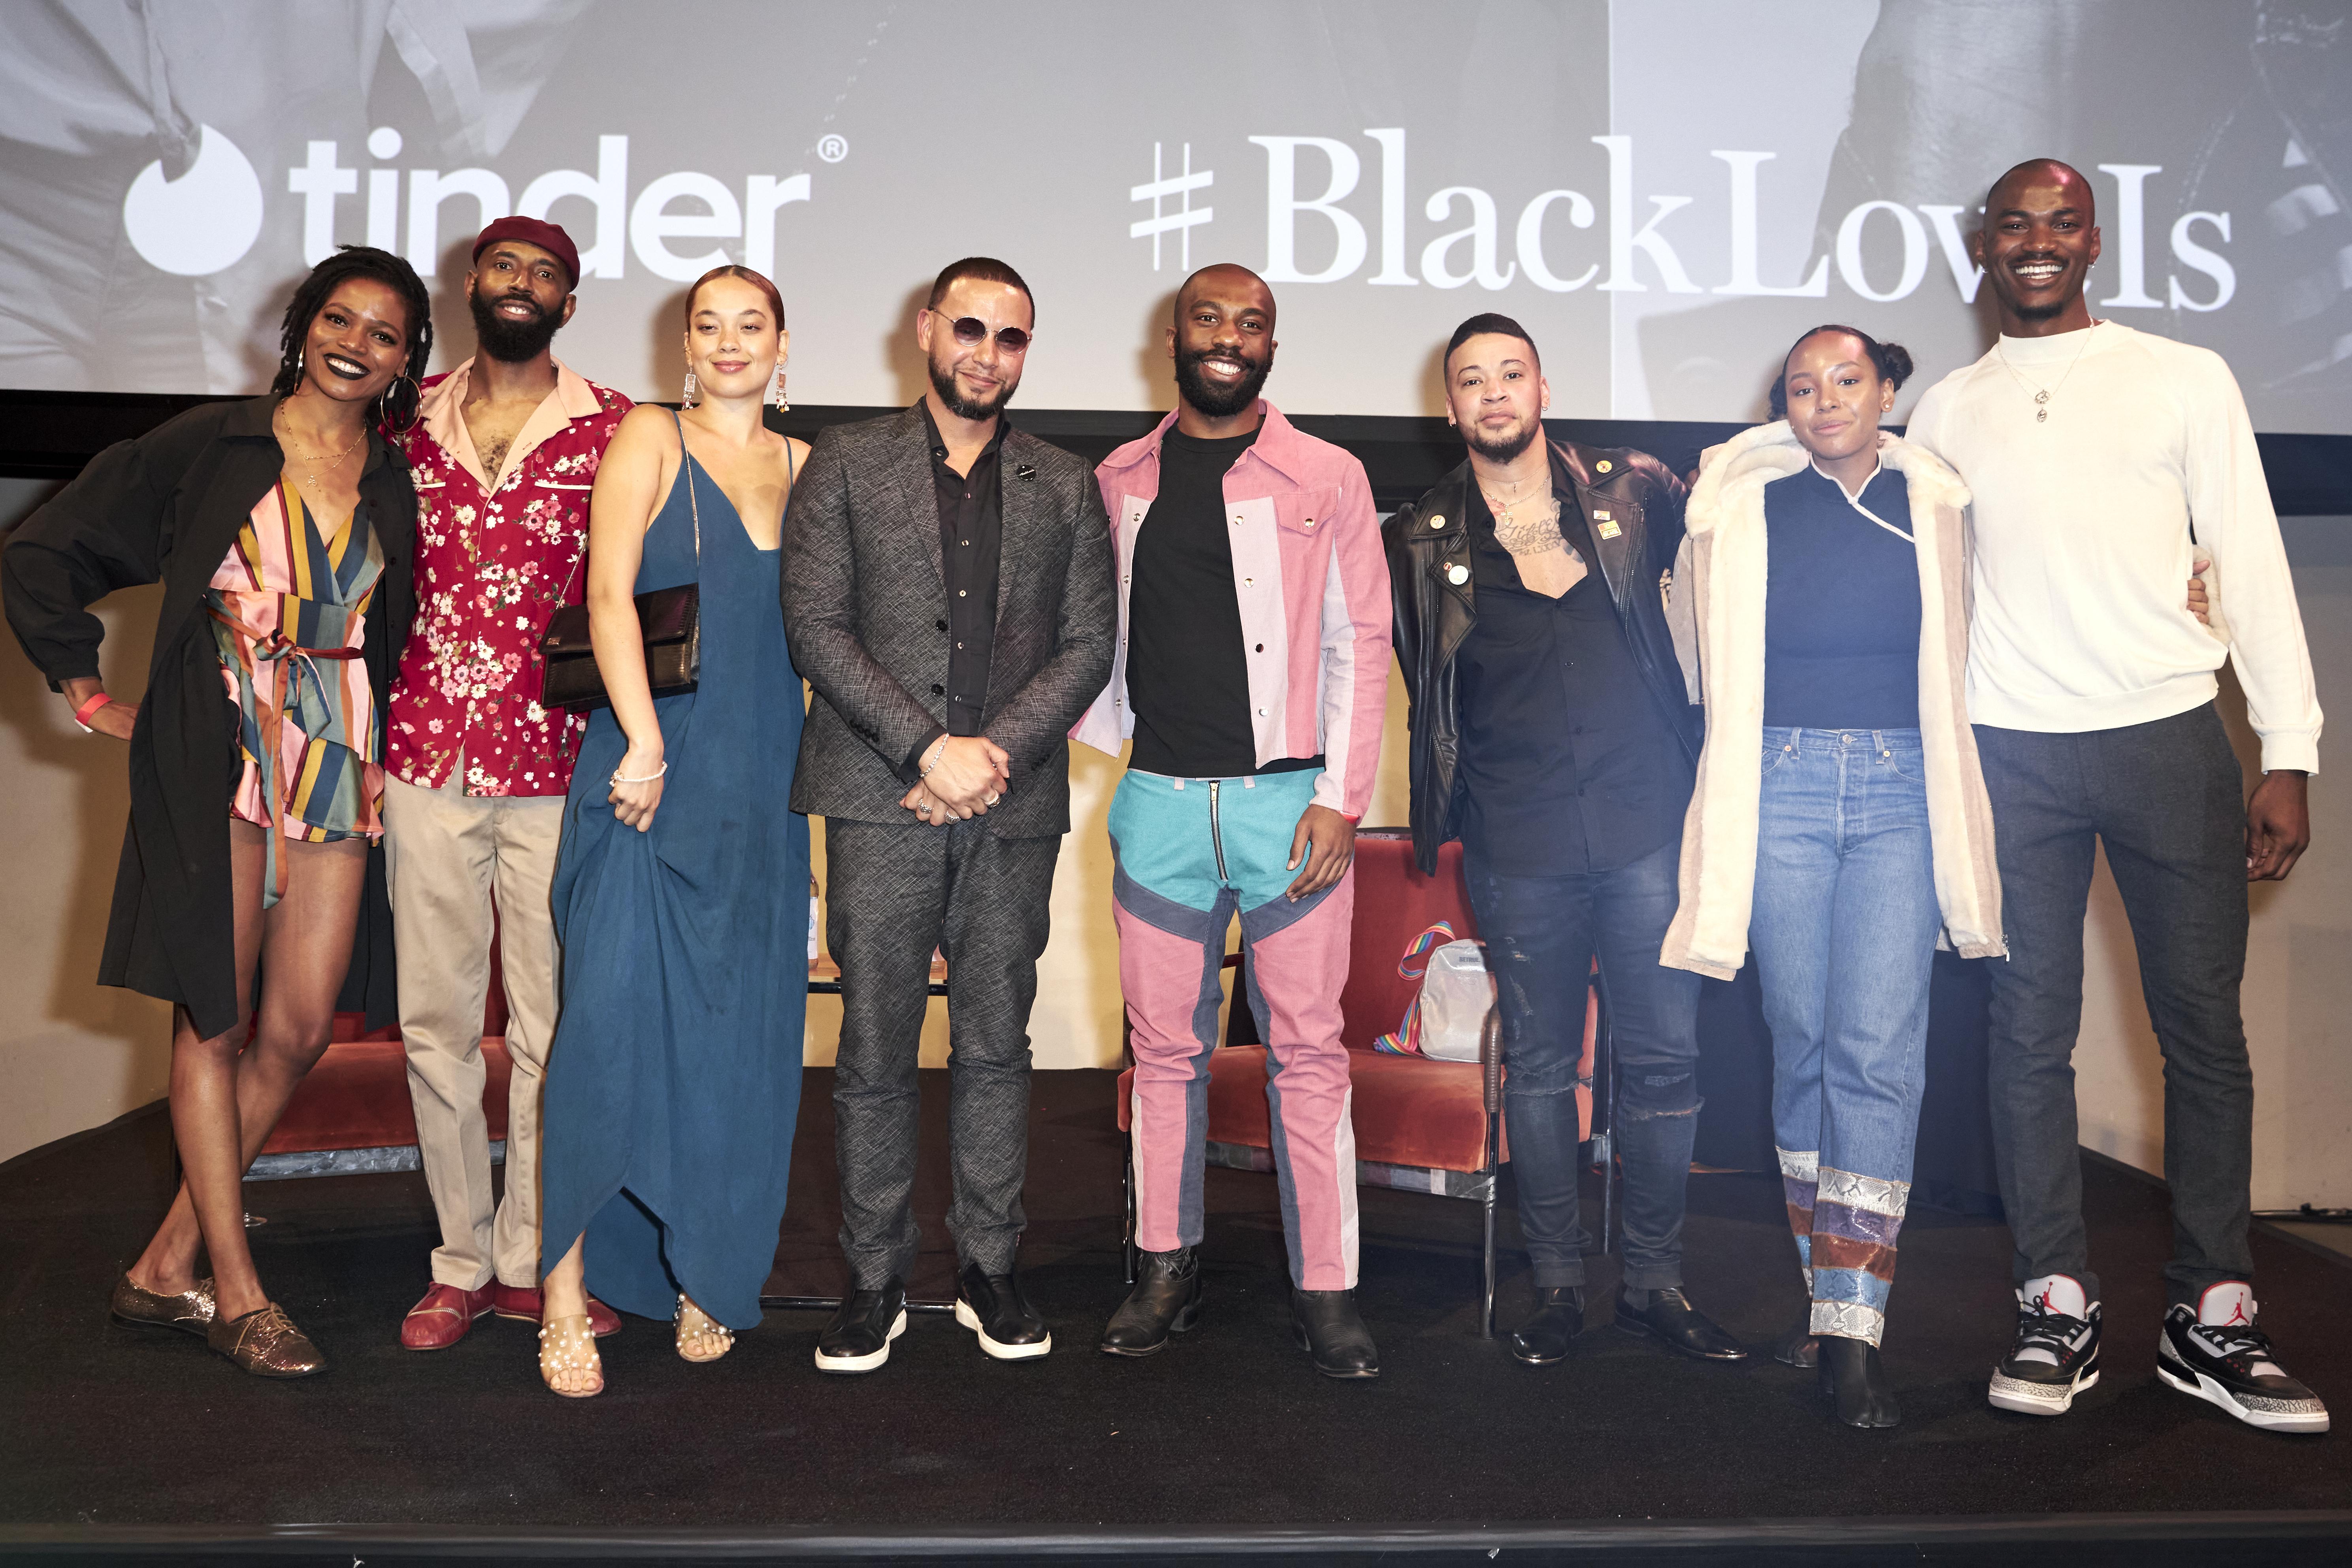 Director X & Tinder Come Together For New Original Short, #BlackLoveIs